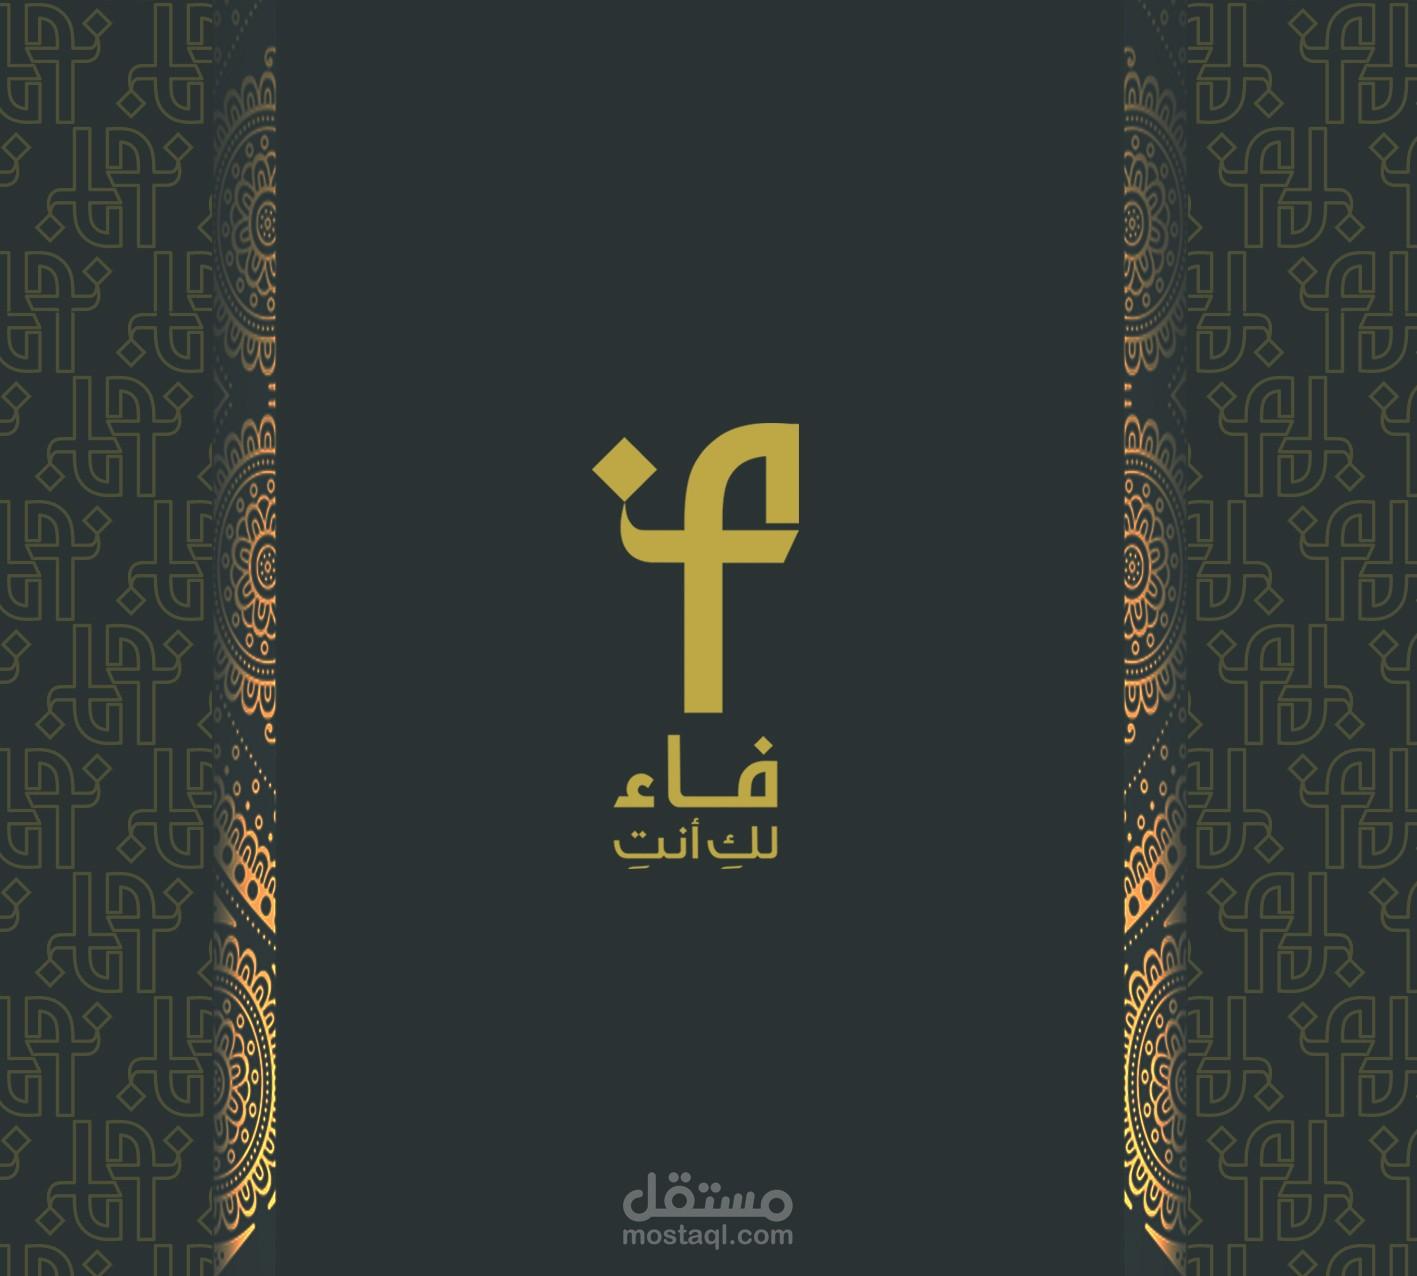 تصميم شعار وهوية بصرية لمتجر عبايات واكسسوارات نسائية